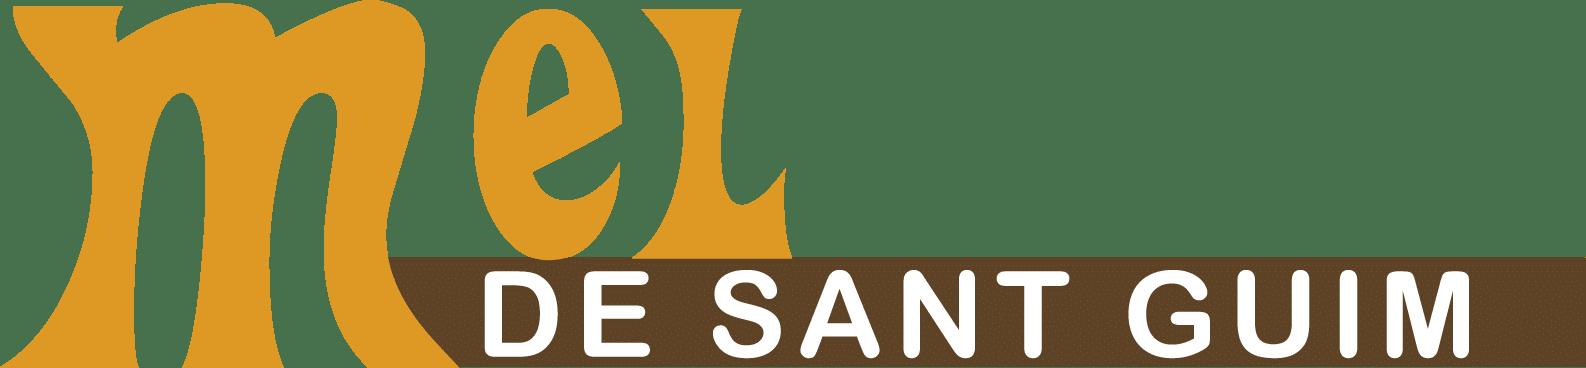 MEL SANT GUIM